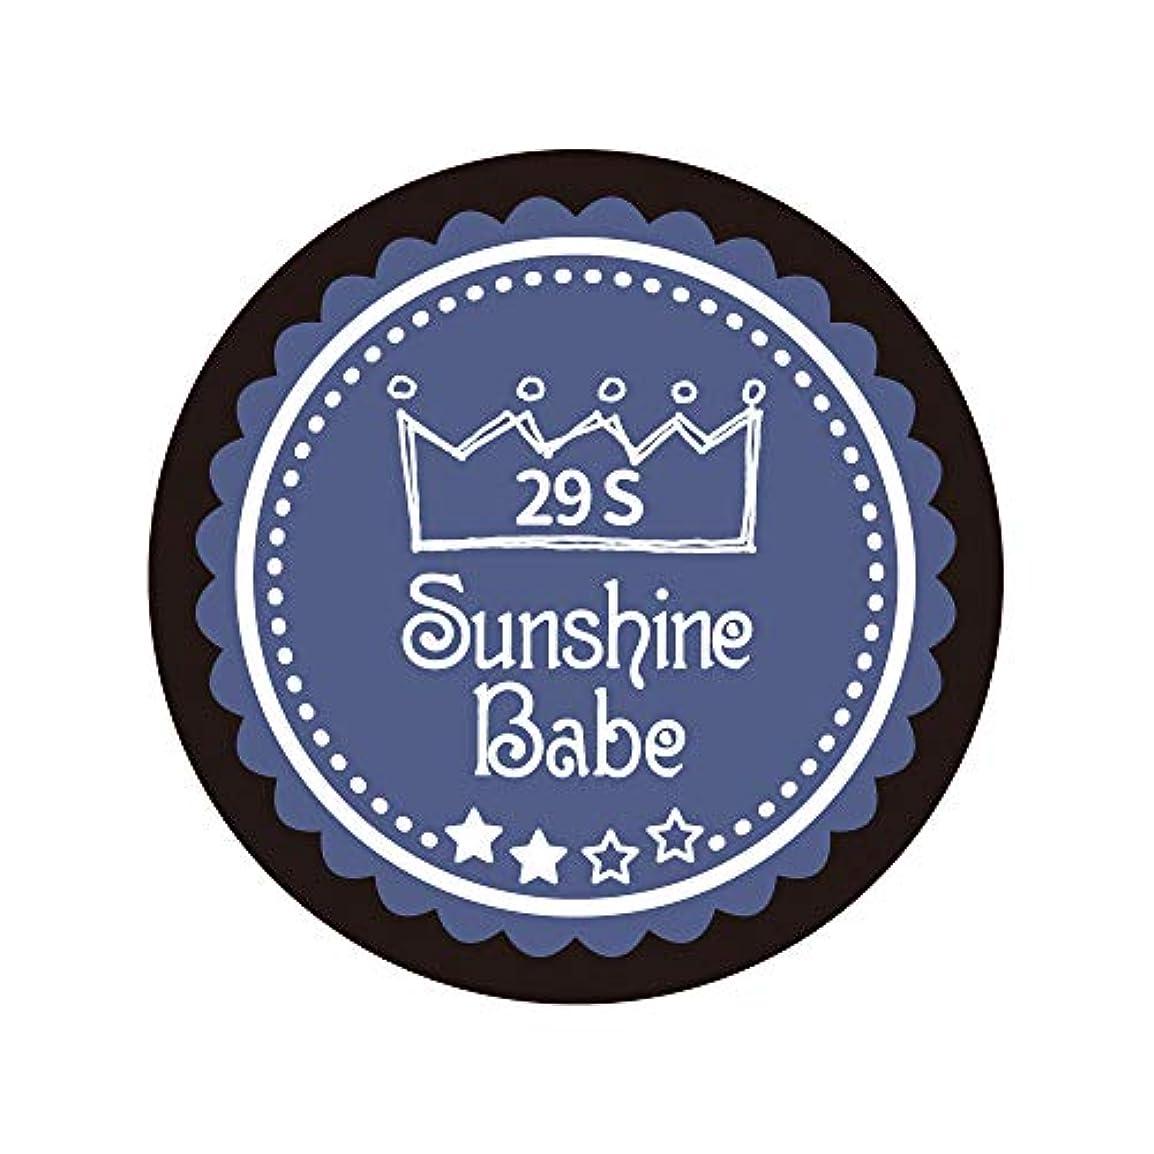 誘惑する土砂降りリッチSunshine Babe カラージェル 29S ネイビーグレー 2.7g UV/LED対応